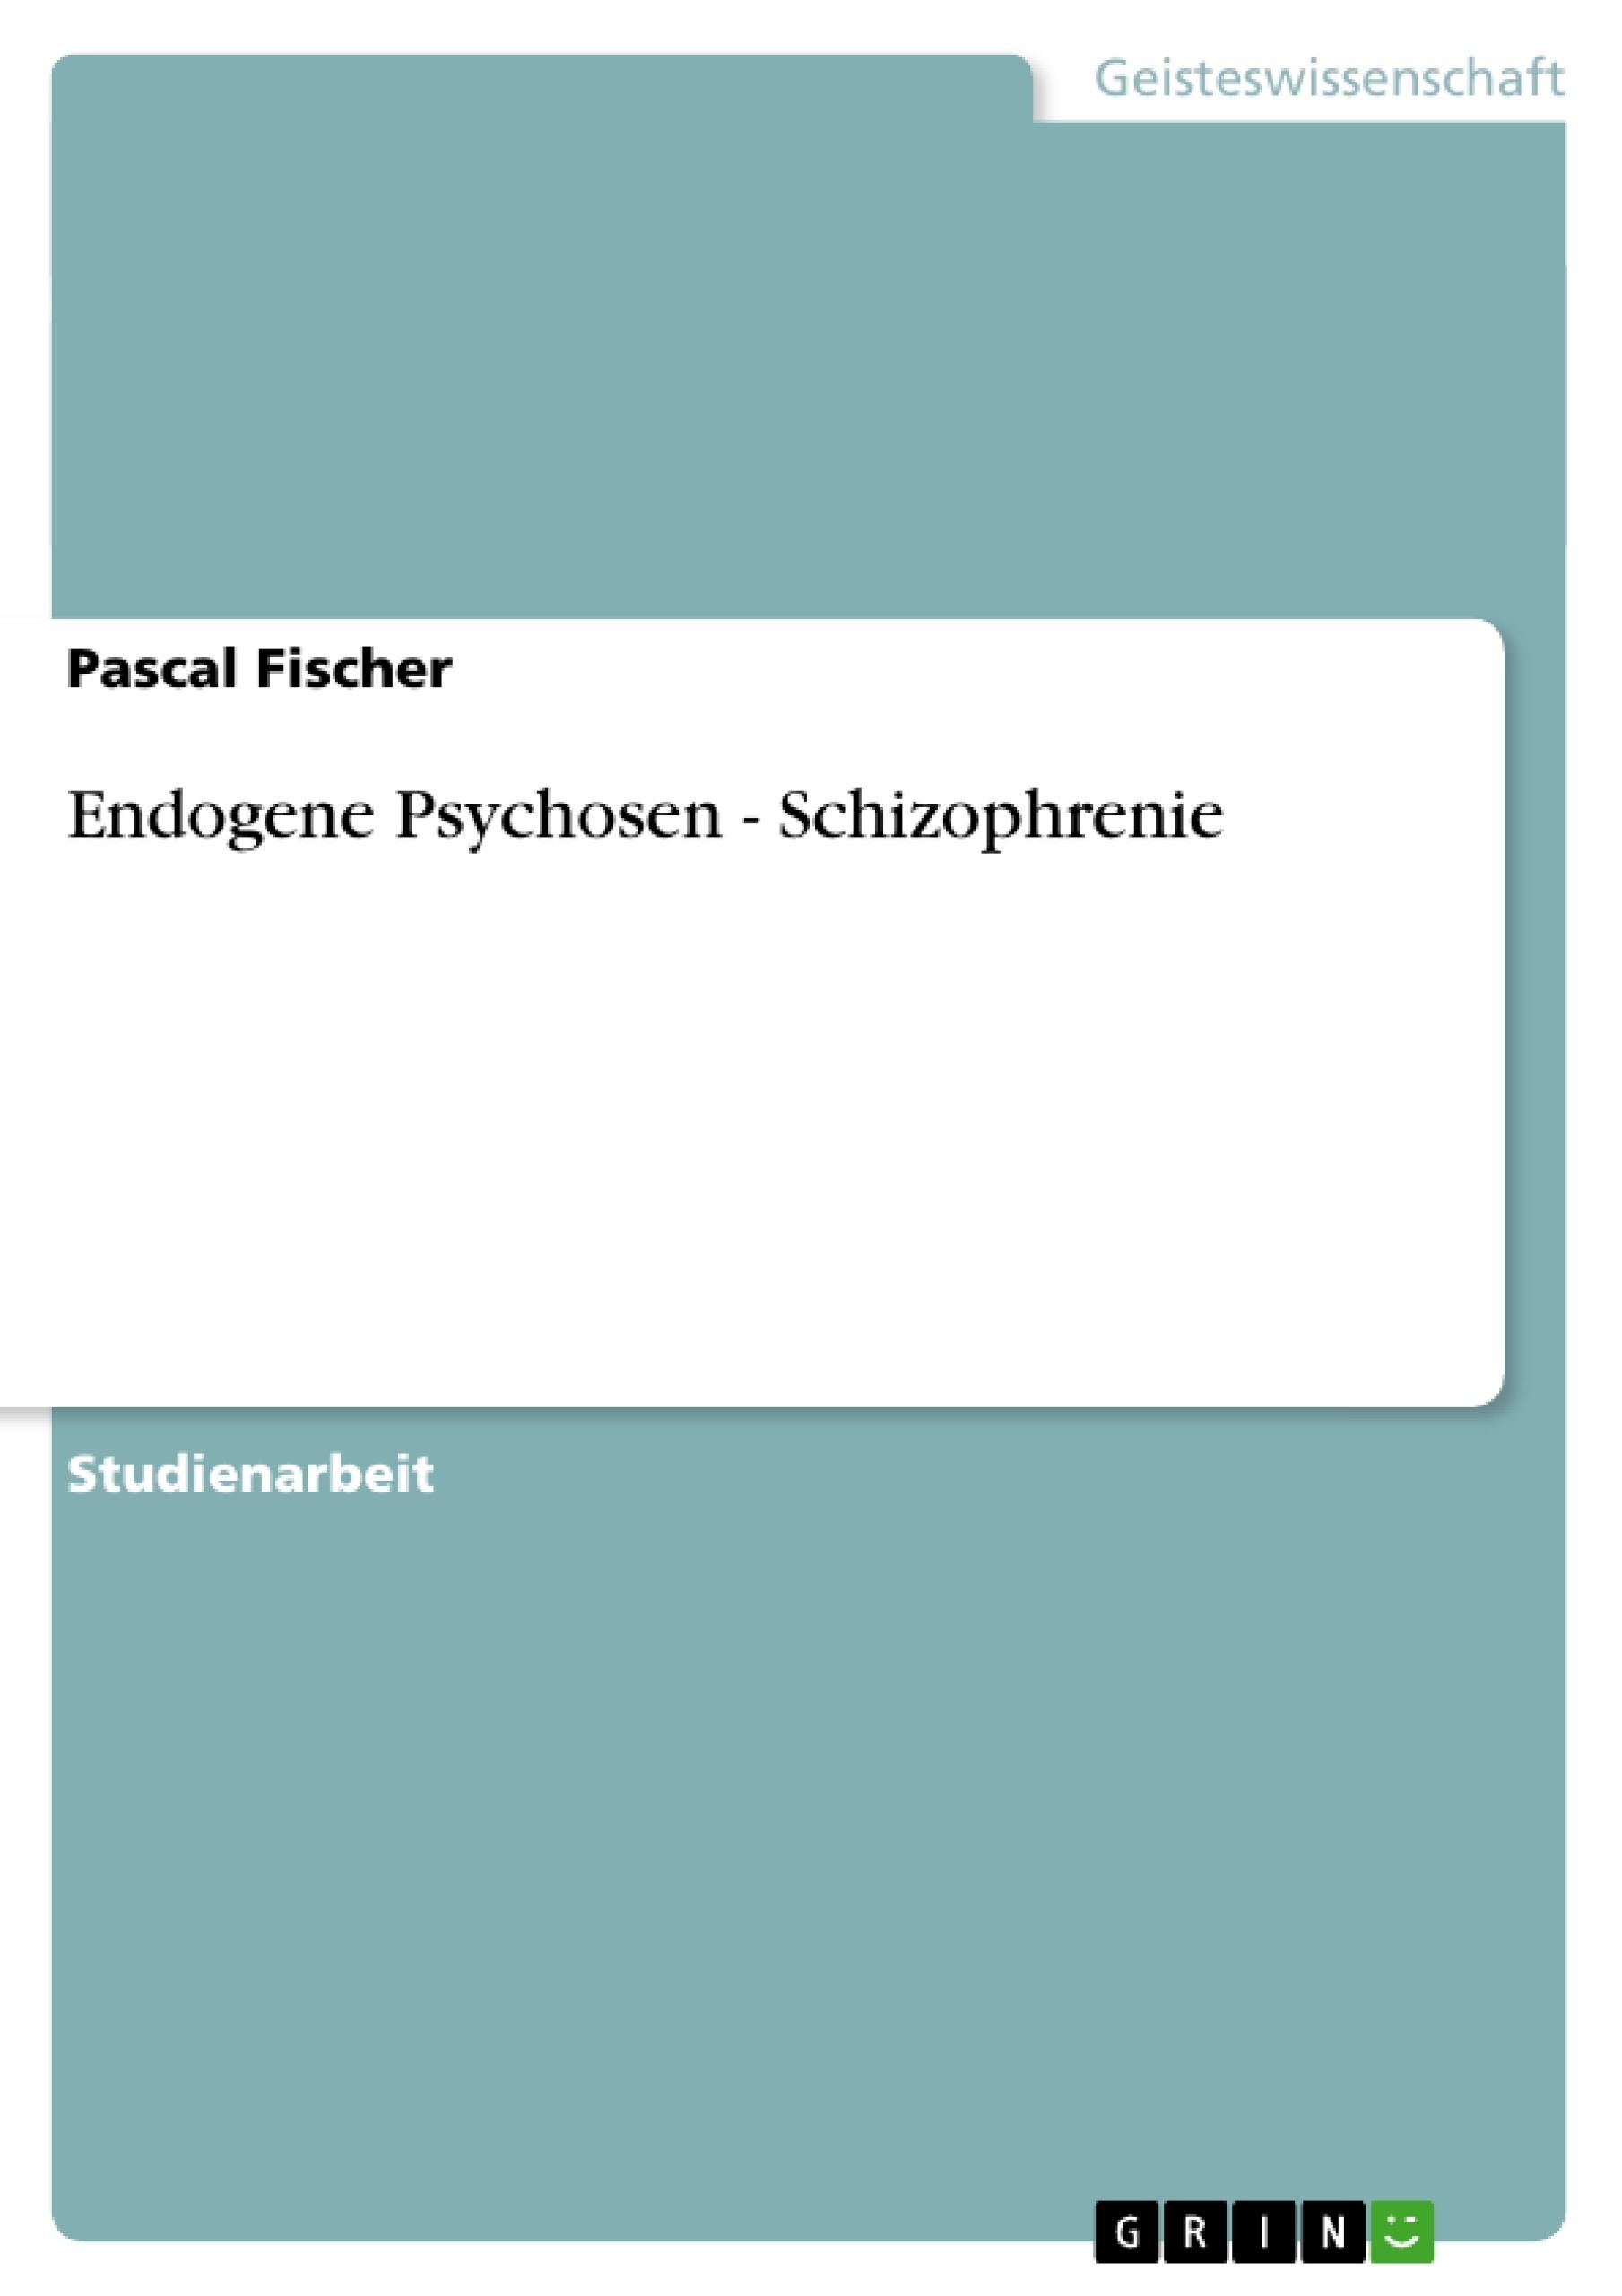 Titel: Endogene Psychosen - Schizophrenie